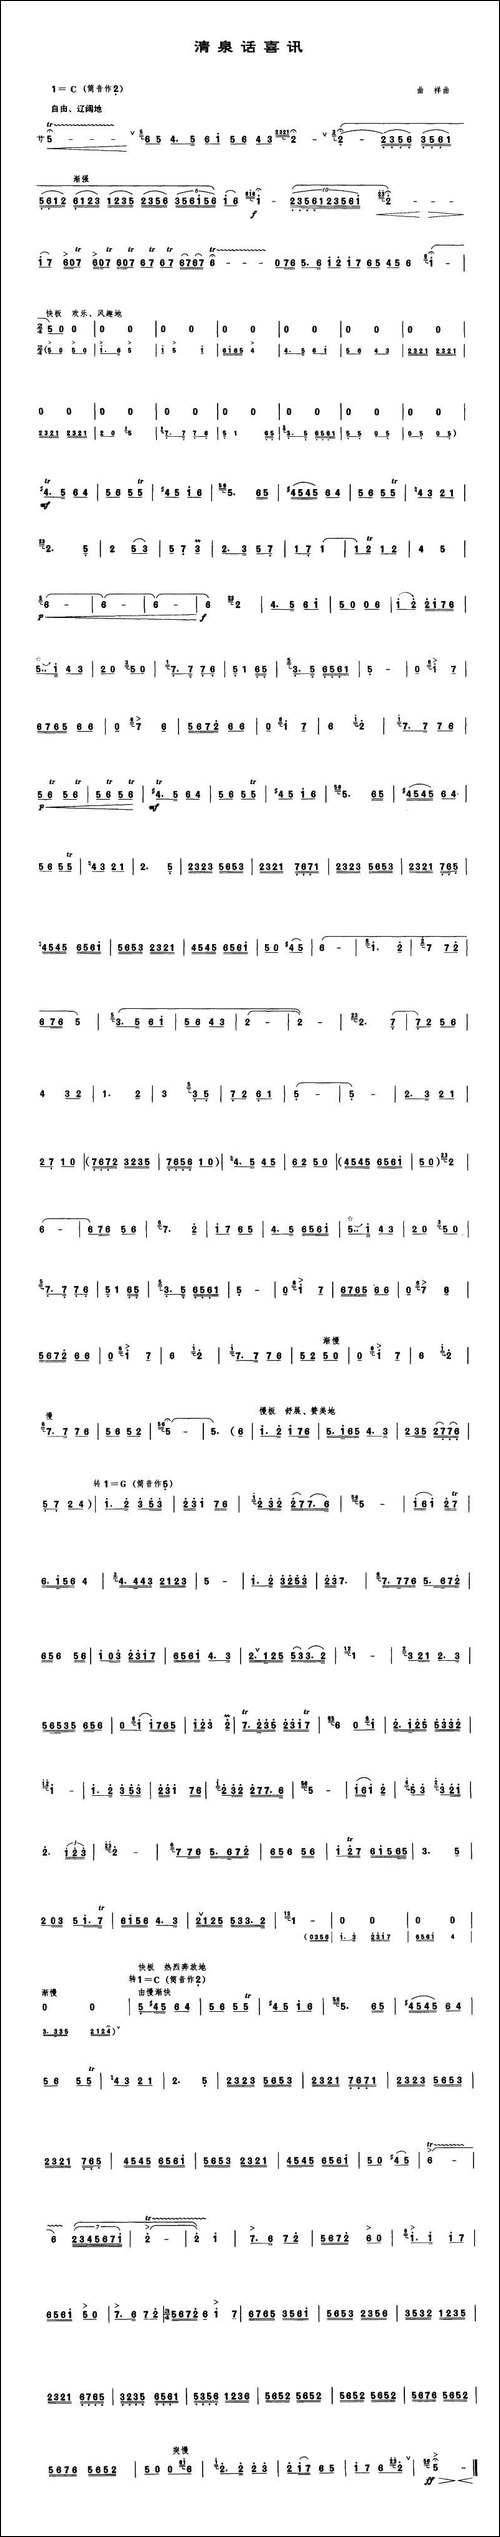 清泉话喜讯-笛箫间谱|笛箫谱